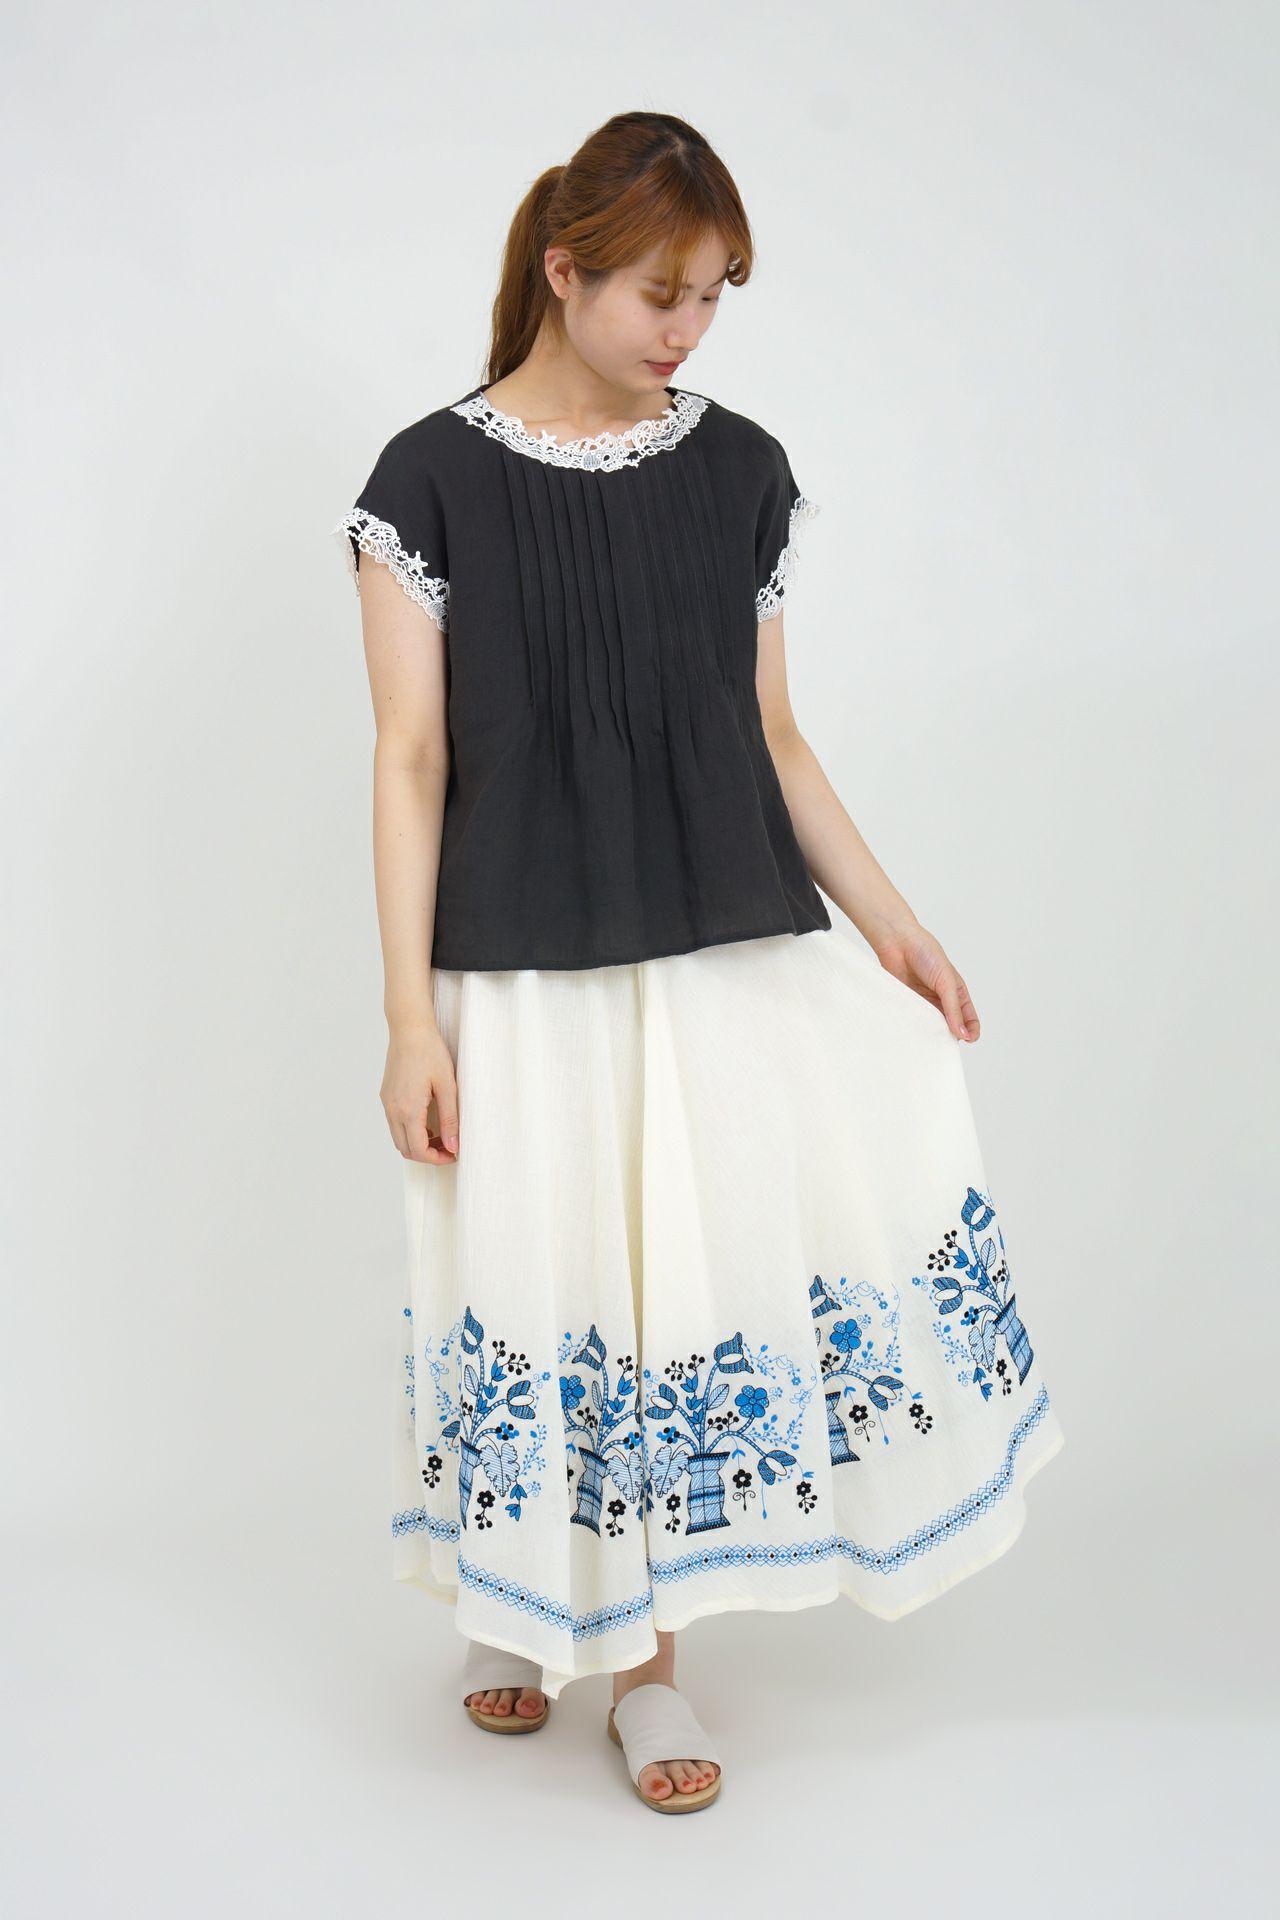 WHITE/model:165cm